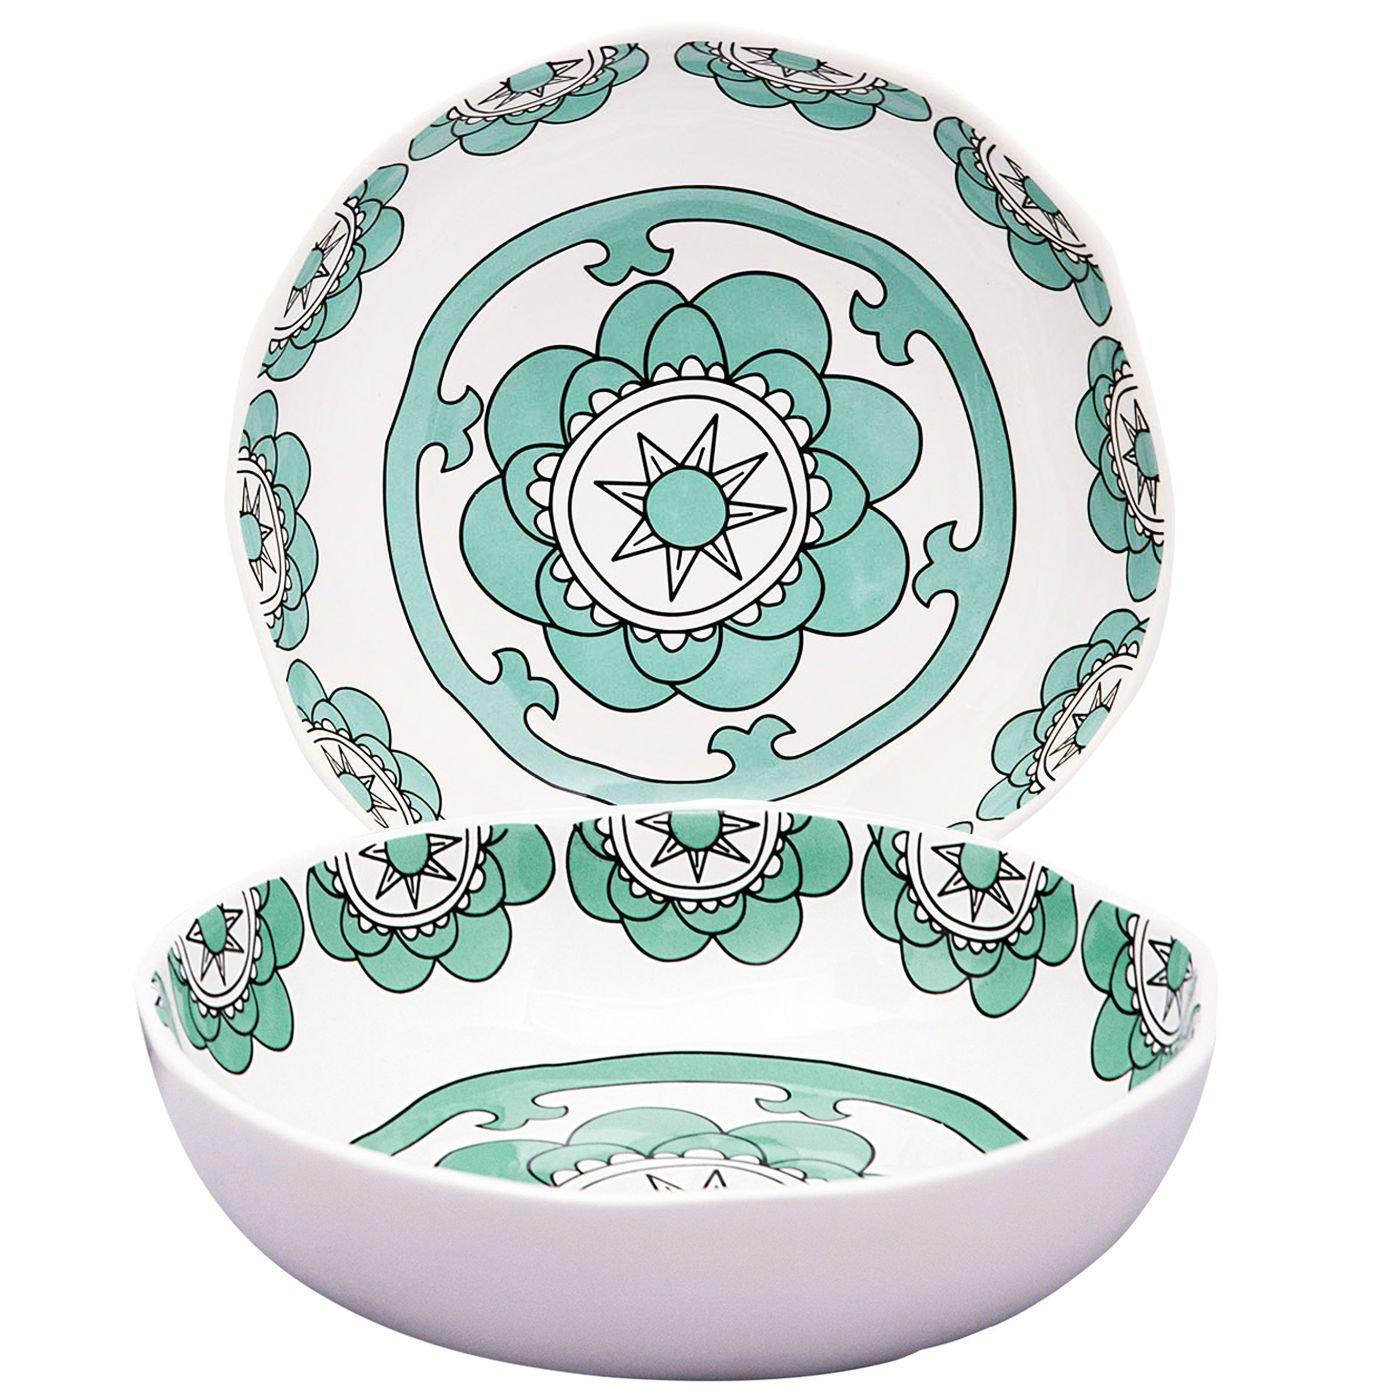 Set 2 Soup Bowls Pasta Salad Plates, 37 Ounce Each, Hand Made Porcelain, Mint Blue, Large